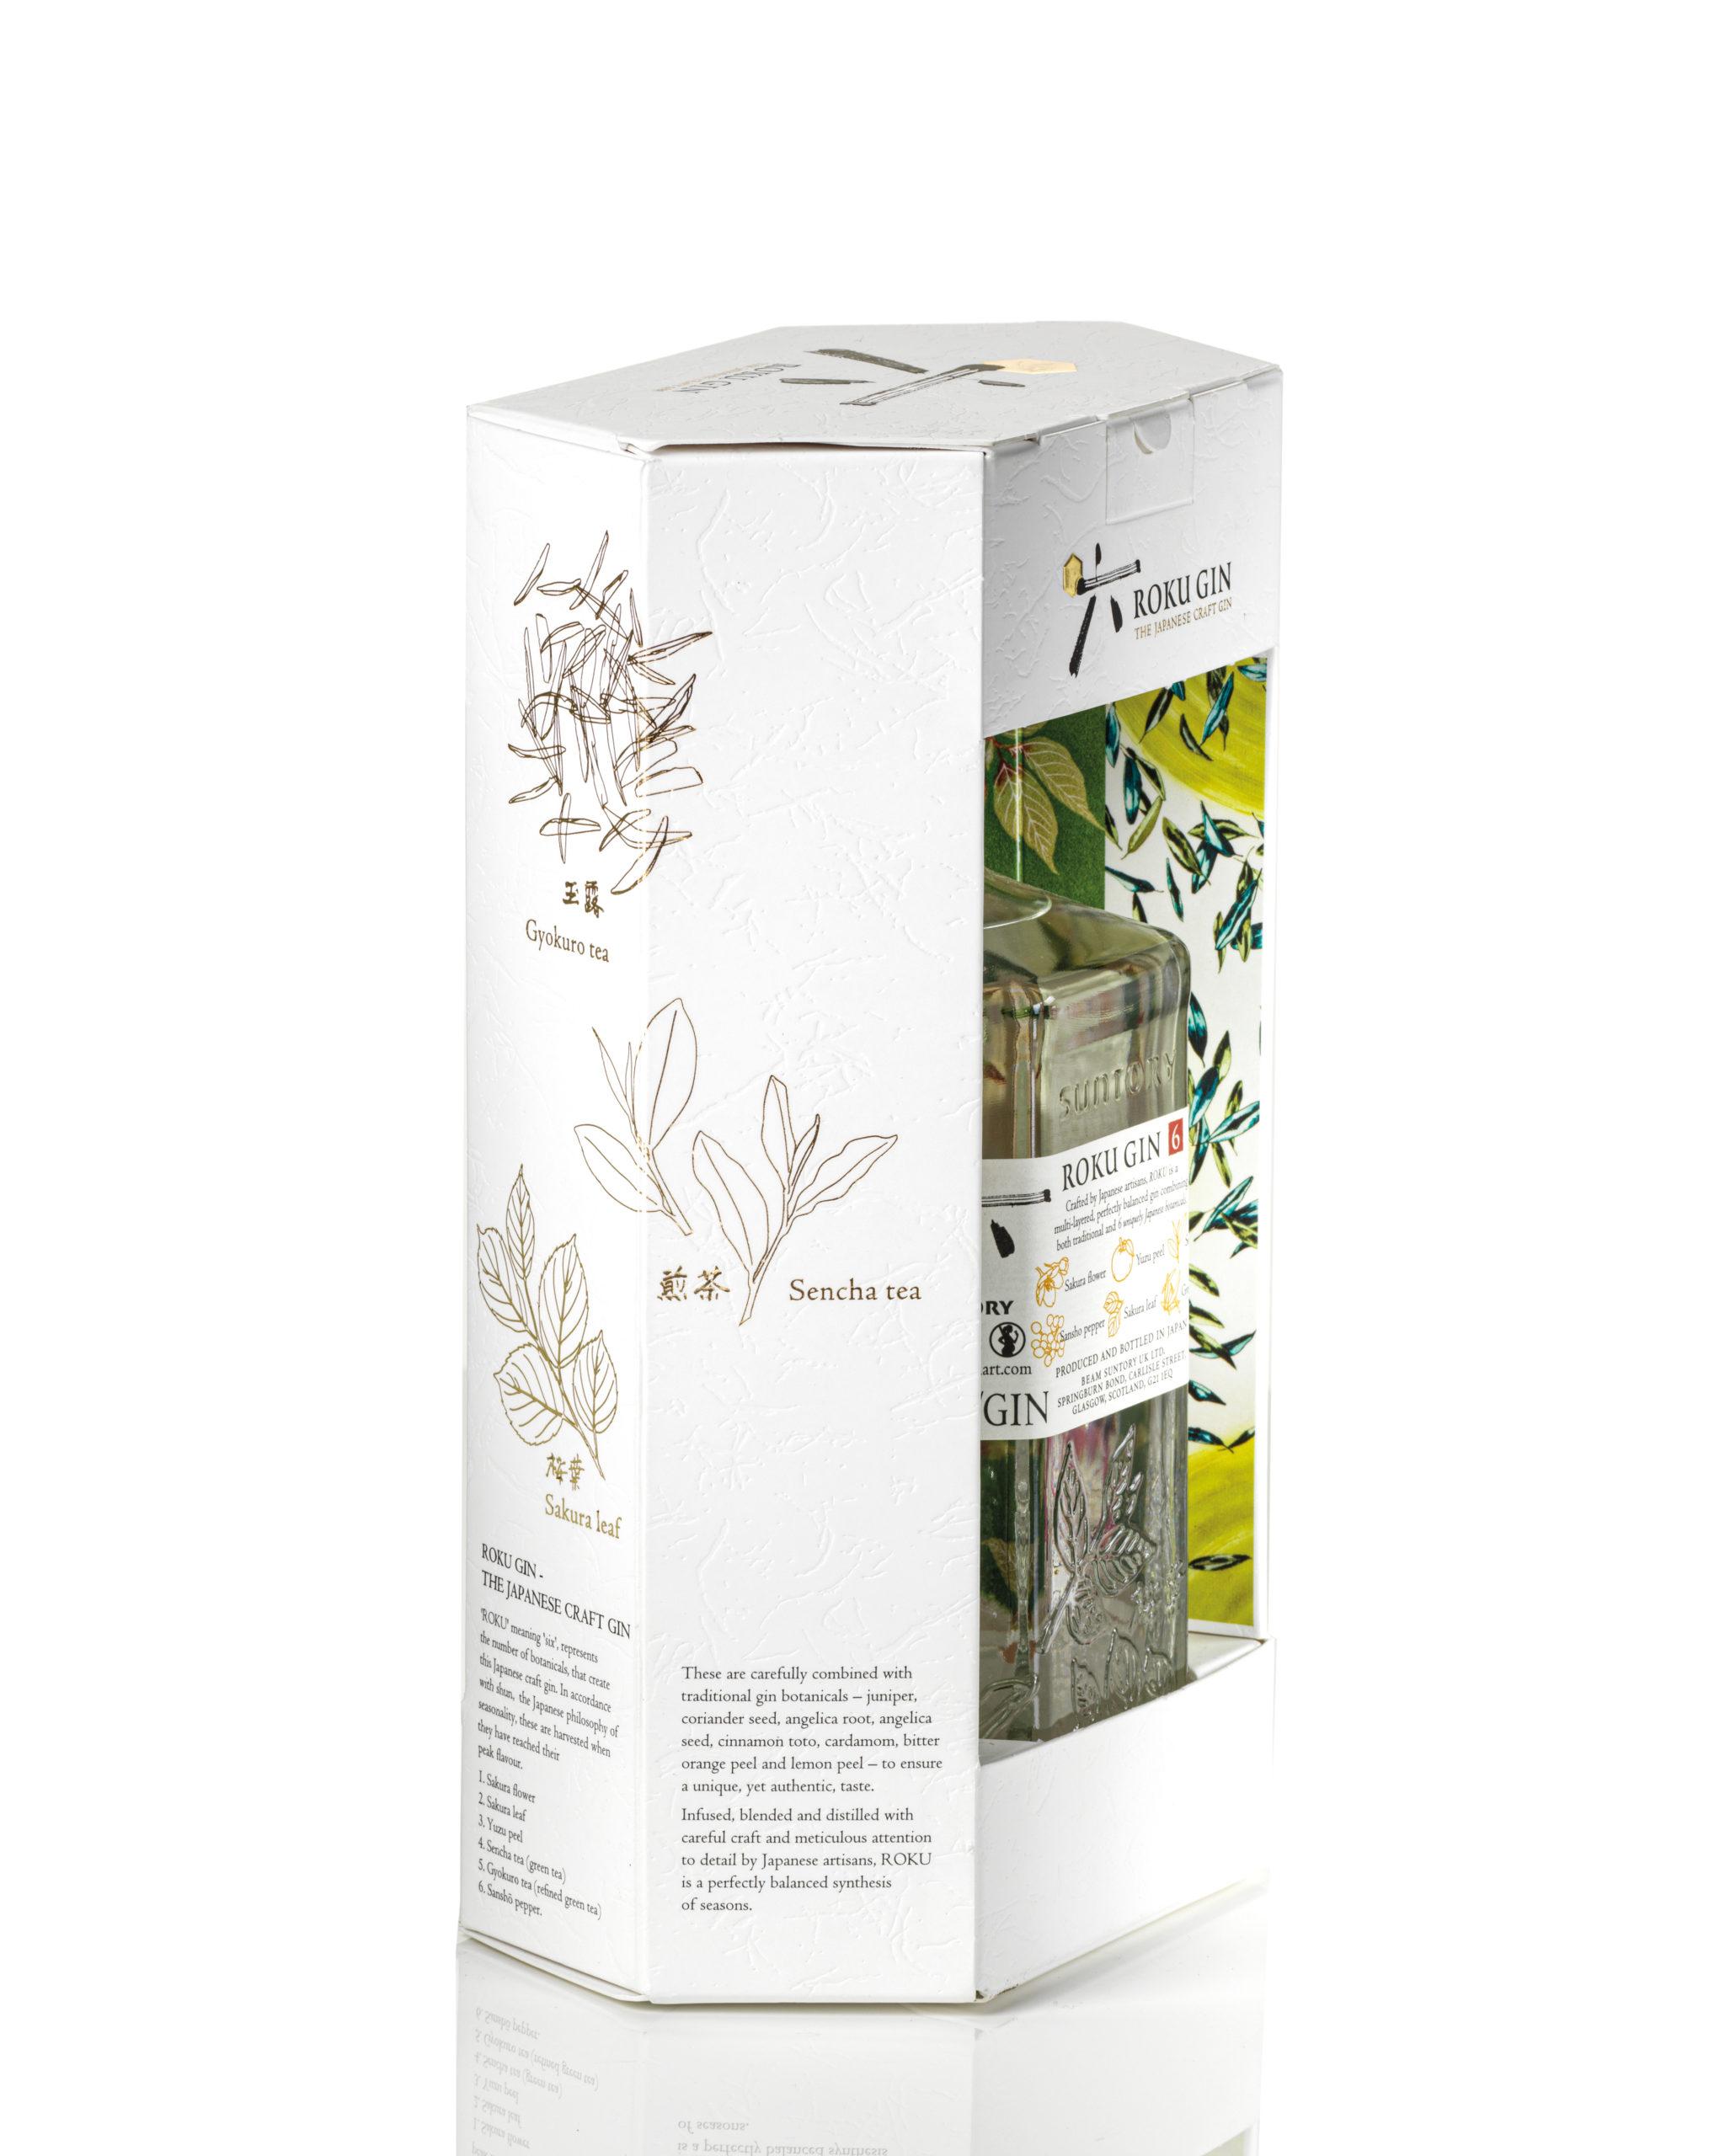 gin carton